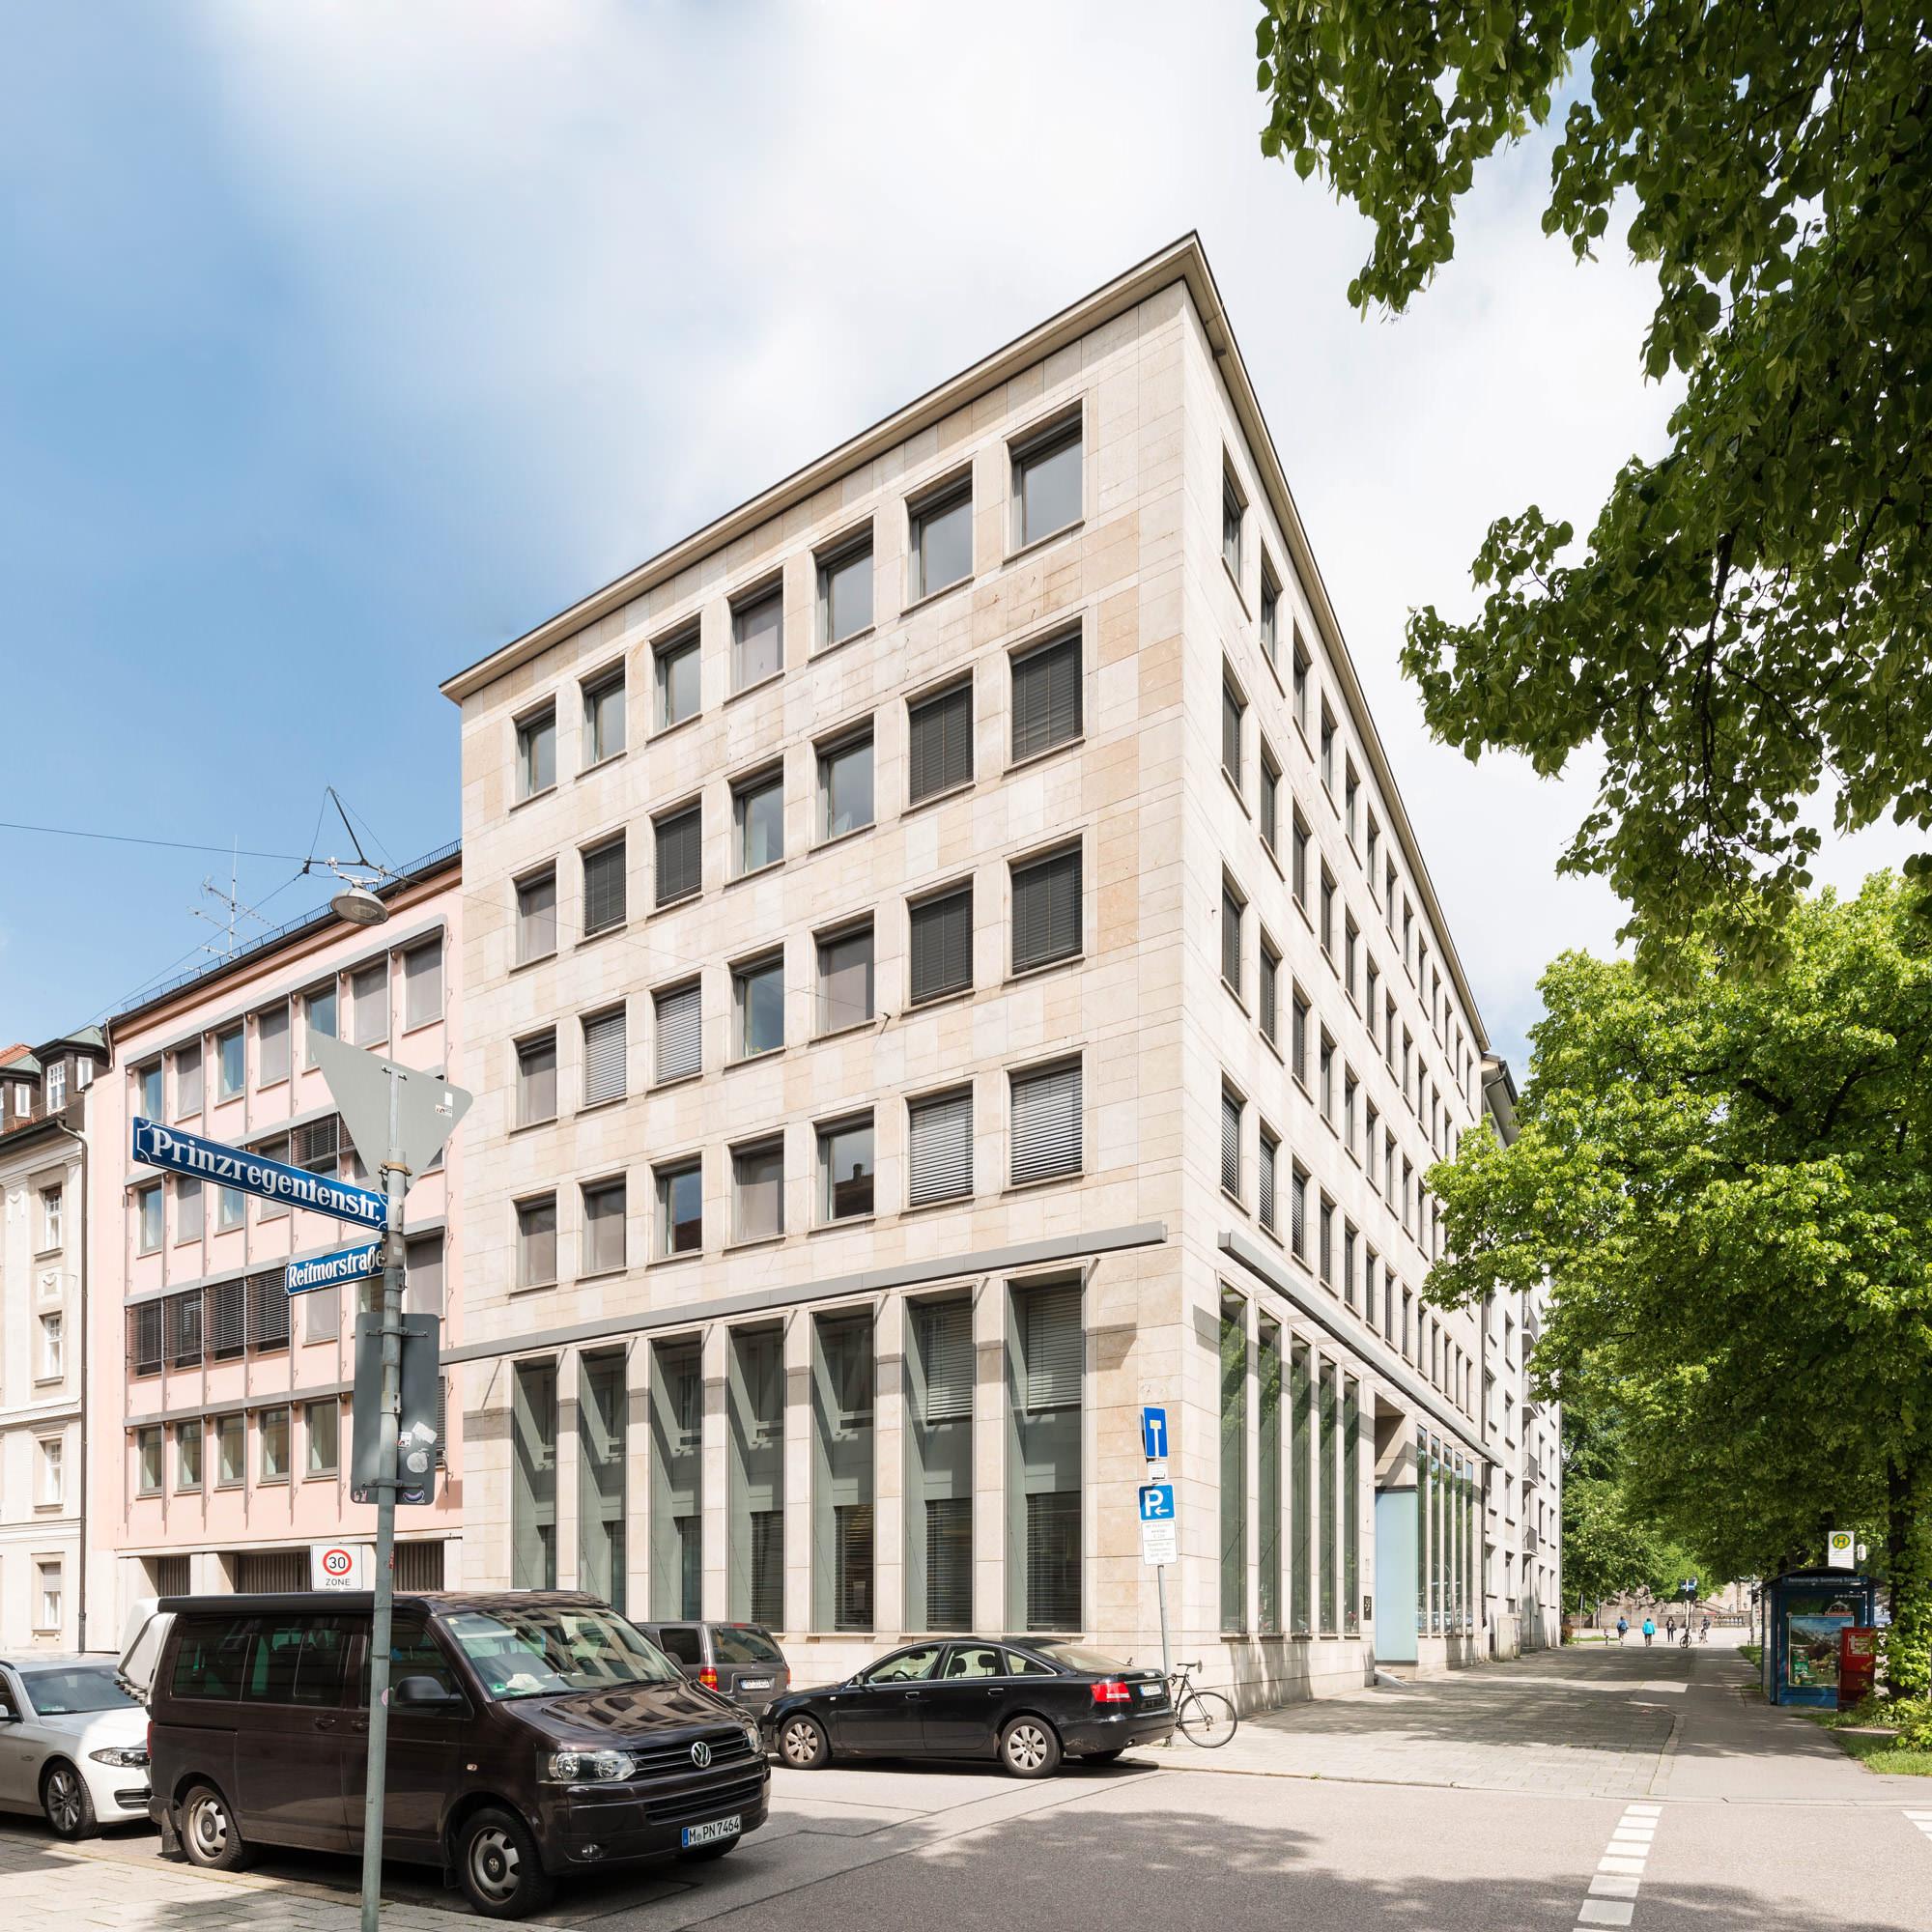 Prinzregentenstrasse